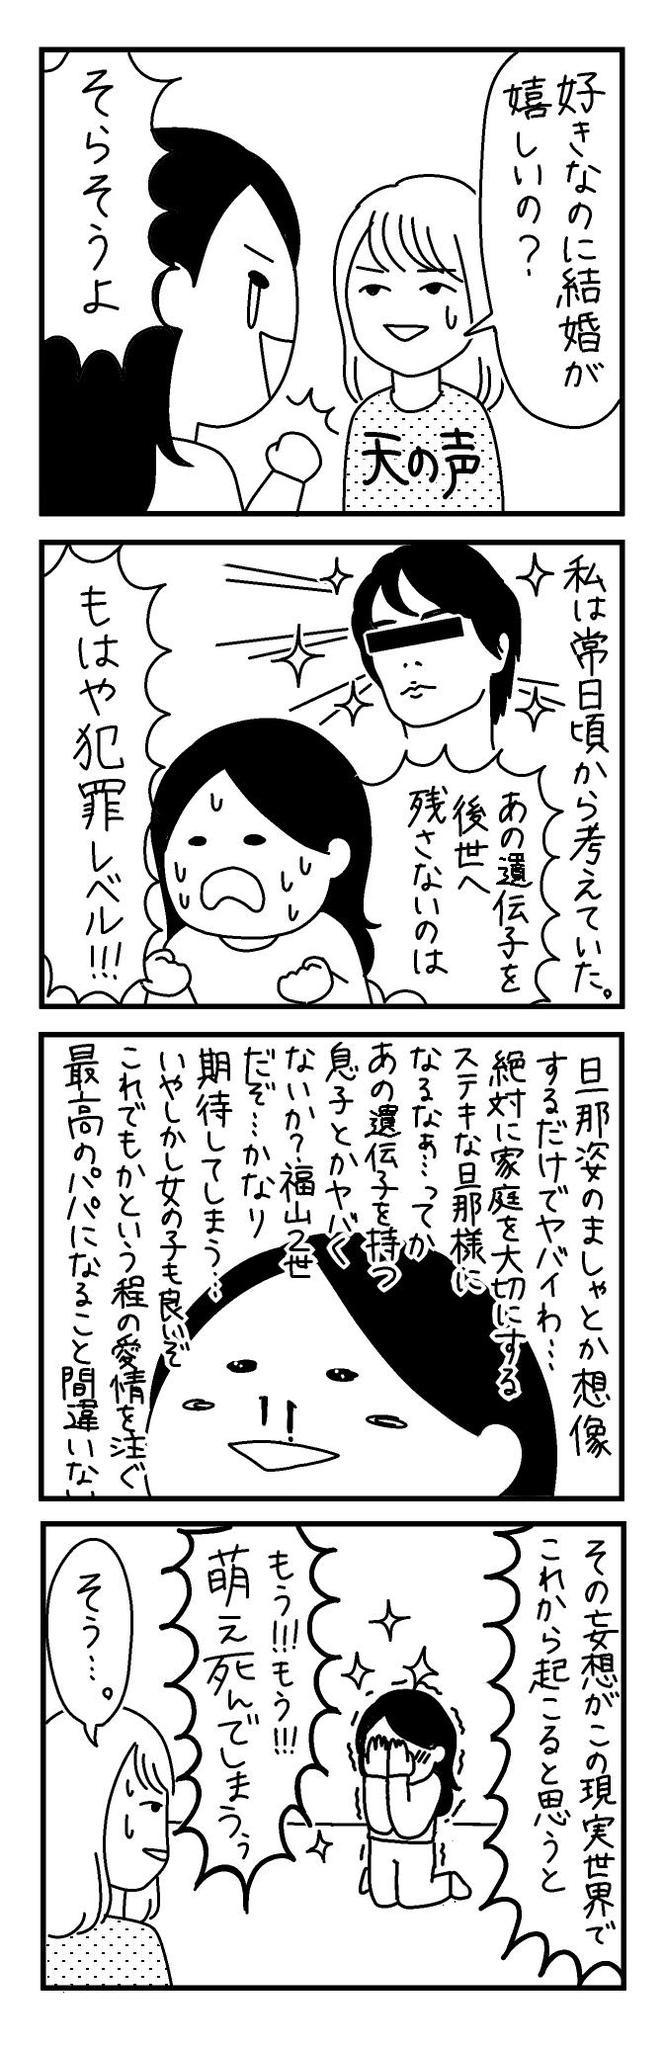 【4コマ漫画】第23回「ビクトリアな日々」作:ビクトリアブラディーヌ